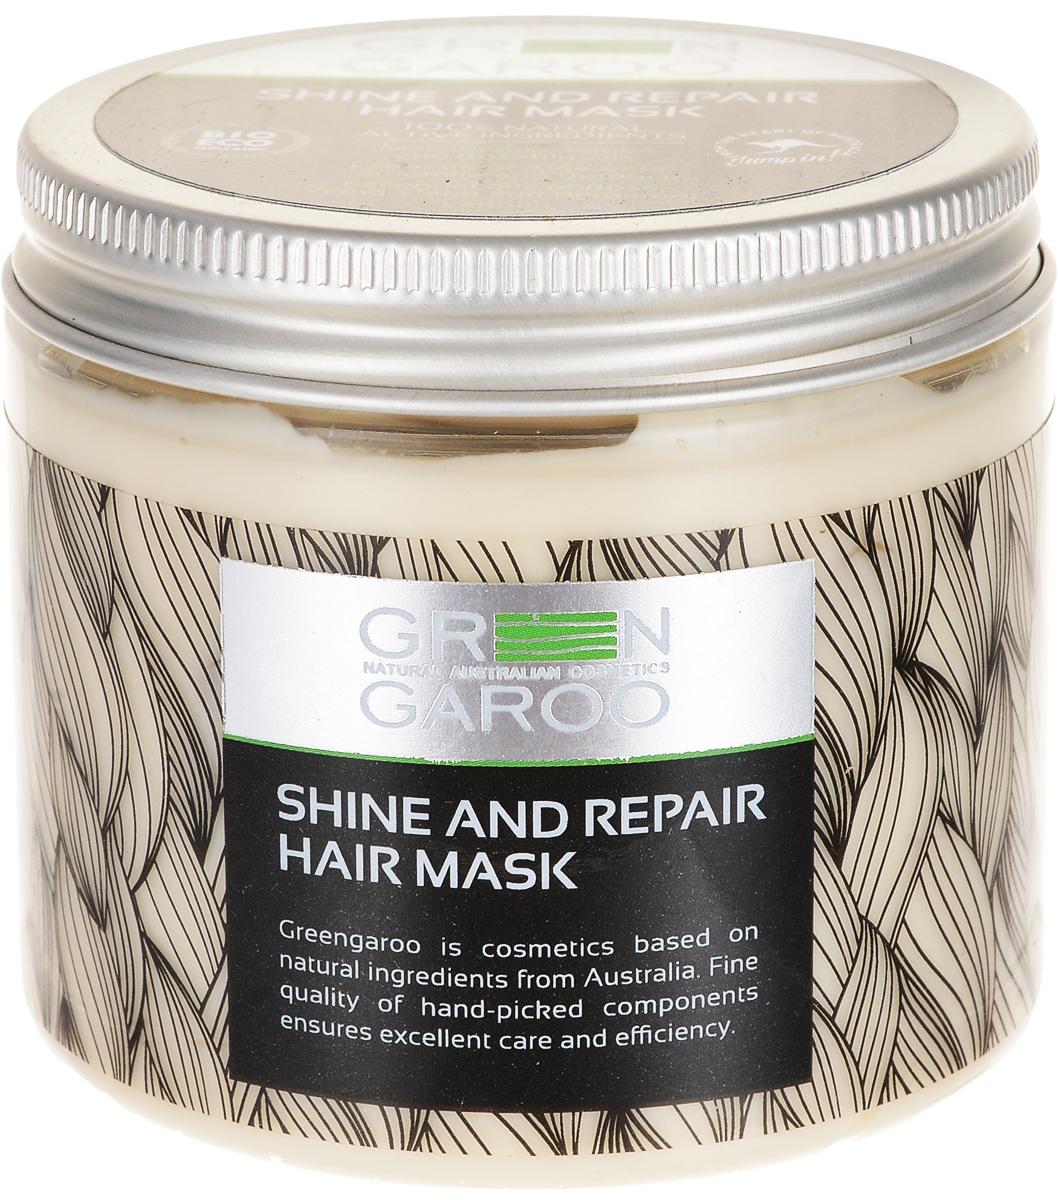 Green Garoo, Маска для сияния волос 200млG004Маска содержит специально подобранное сочетание натуральных масел, чтобы обеспечить длительное питание и защиту. Тающая насыщенная текстура маски превращает ее использование в удовольствие. Волосы восстанавливает свою мягкость, эластичность и блеск. Подходит для всех типов волос.